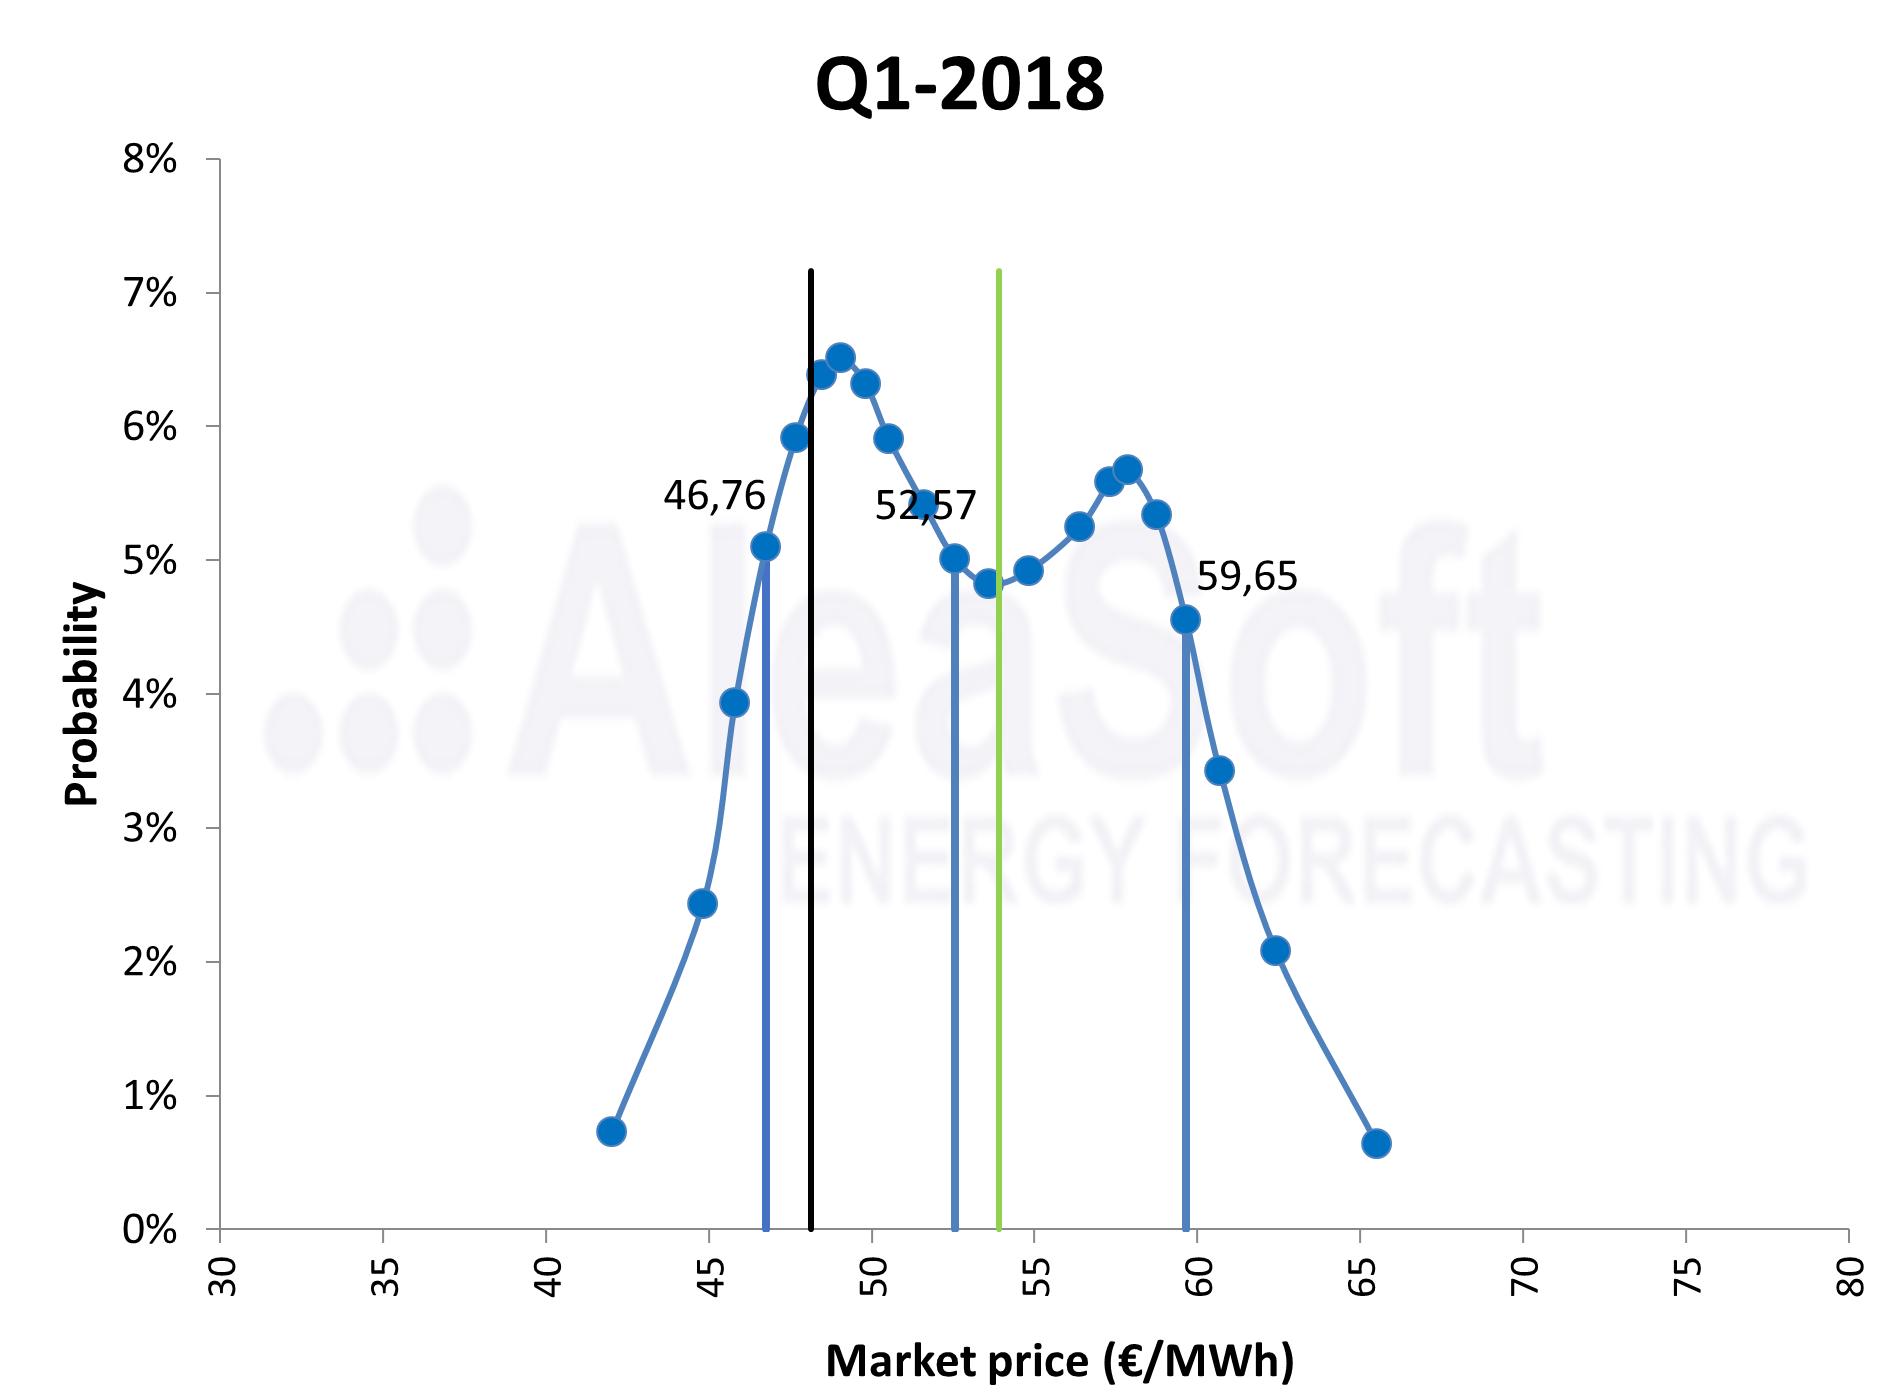 AleaSoft - Distribución probabilidad previsión precios mercado electricidad España Q1 2018